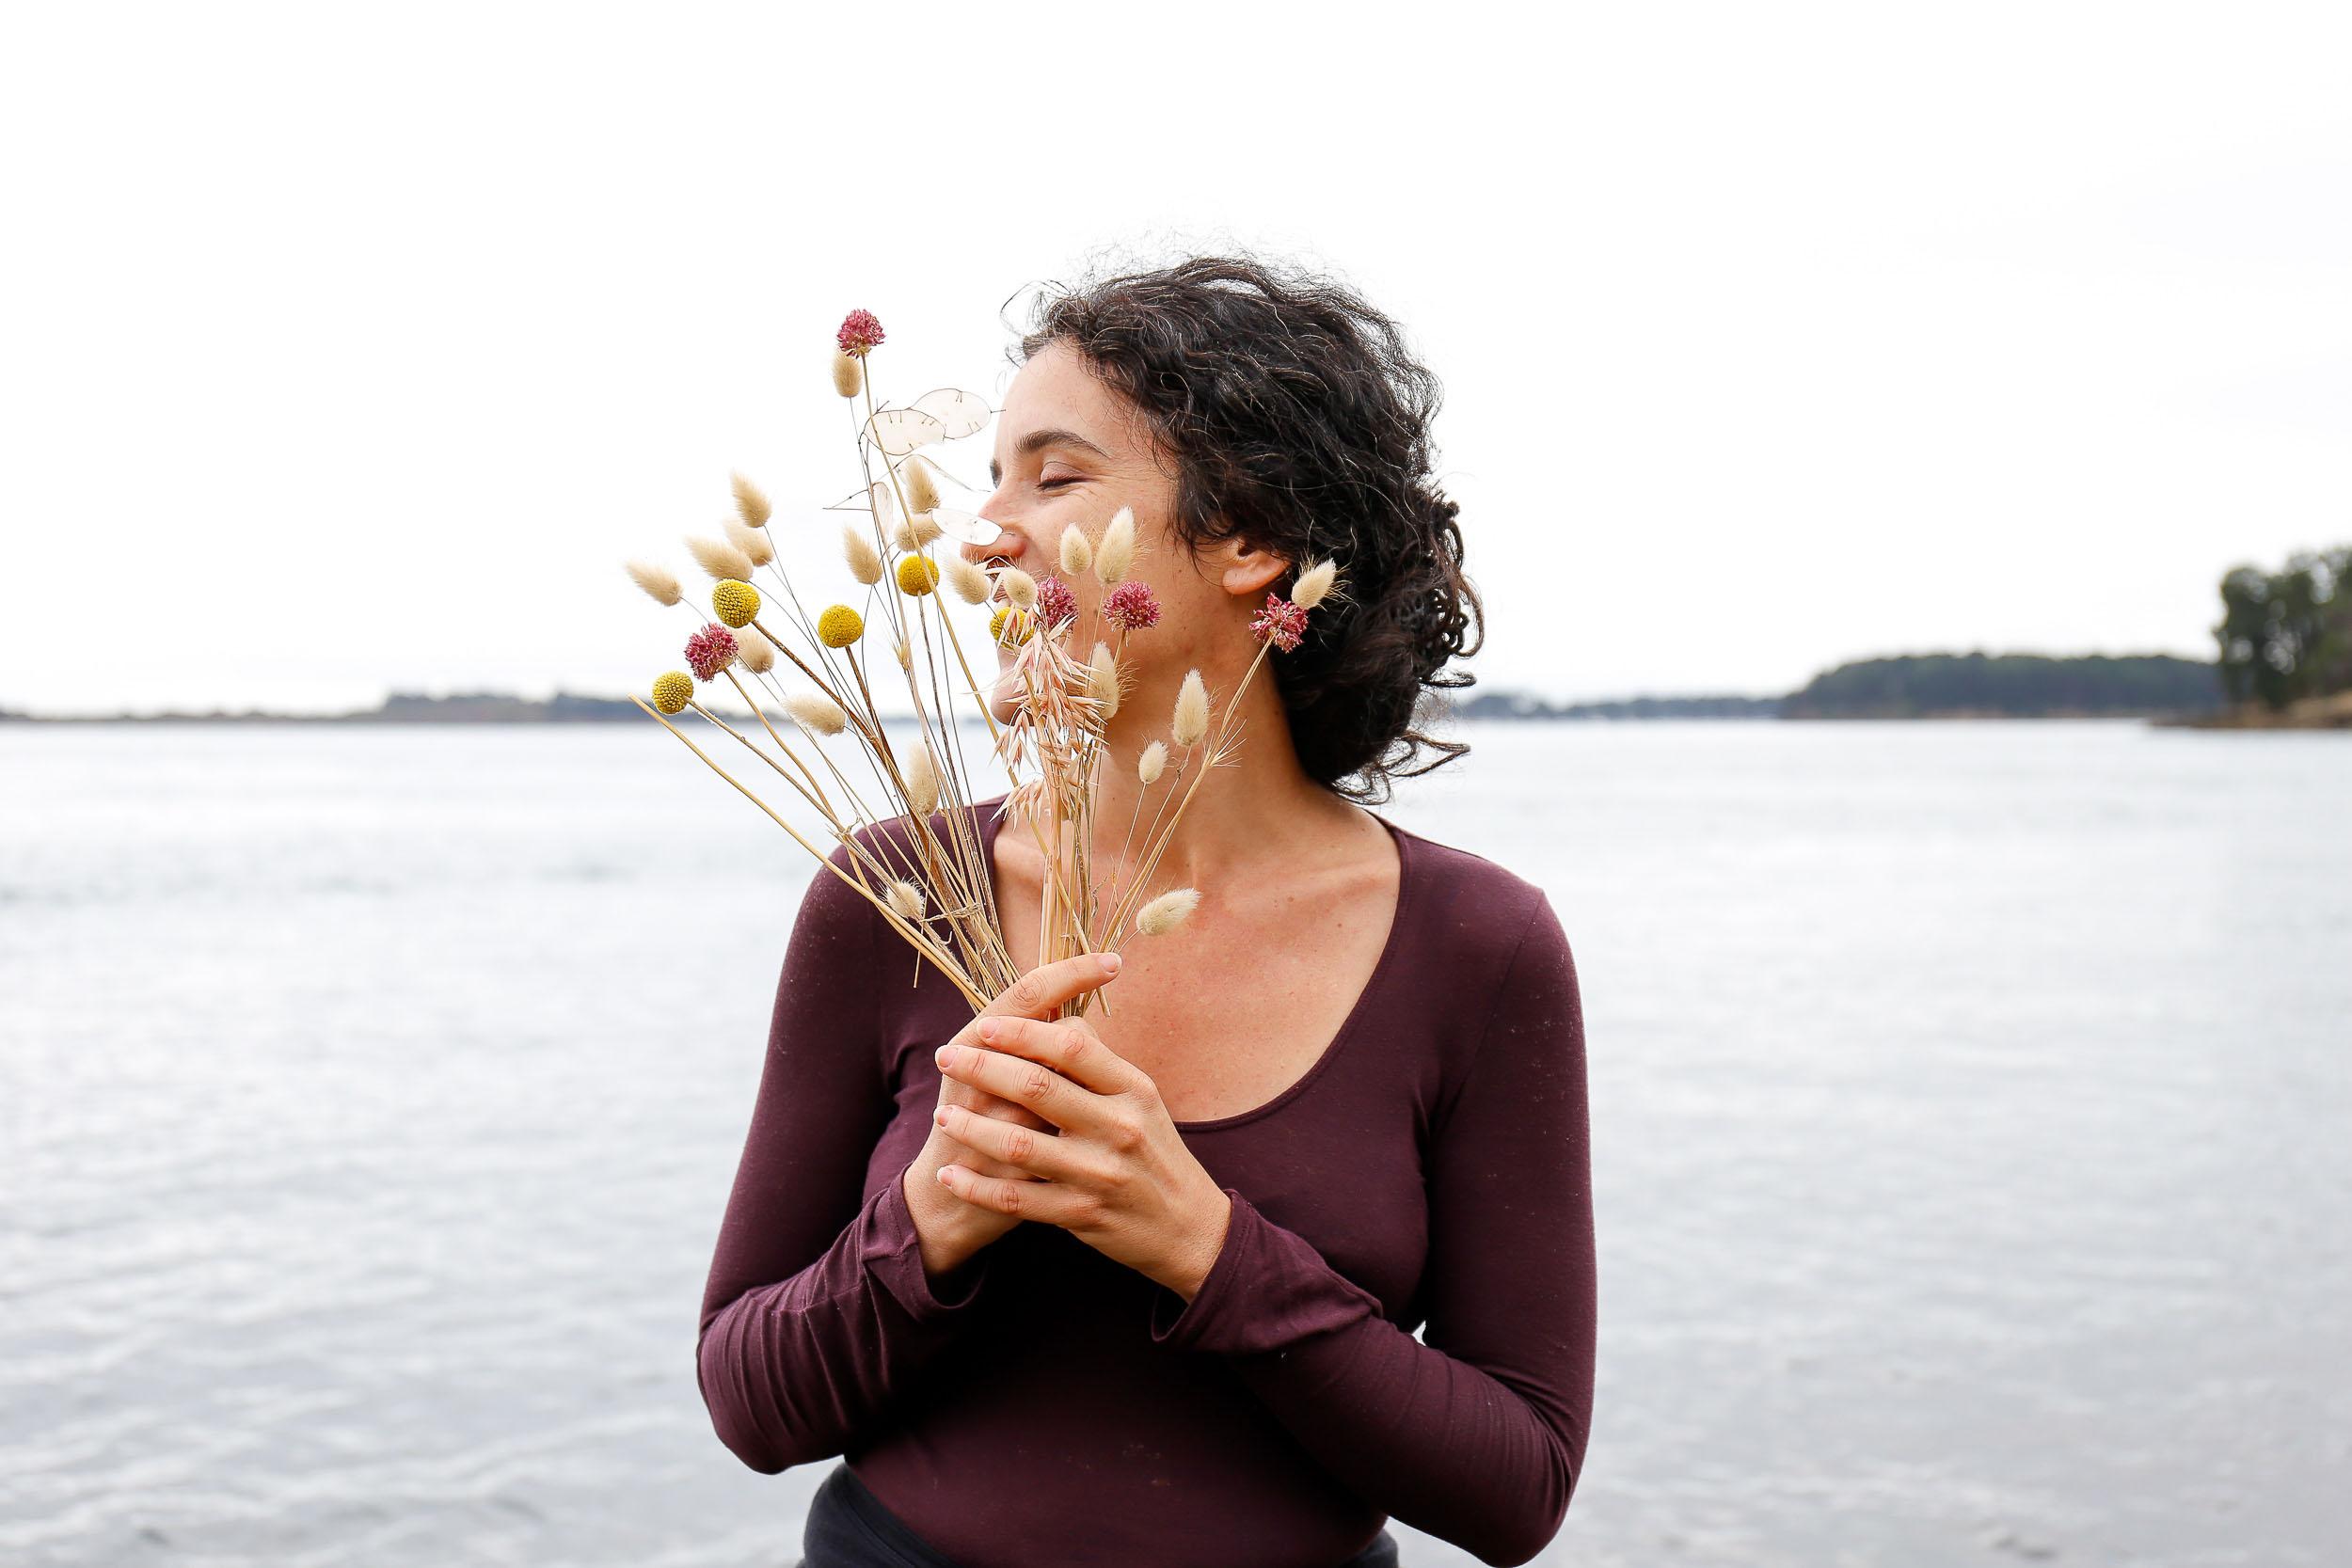 photographie-entrepreneure-auray-vannes-pontivy-lorient-morbihan-photographe